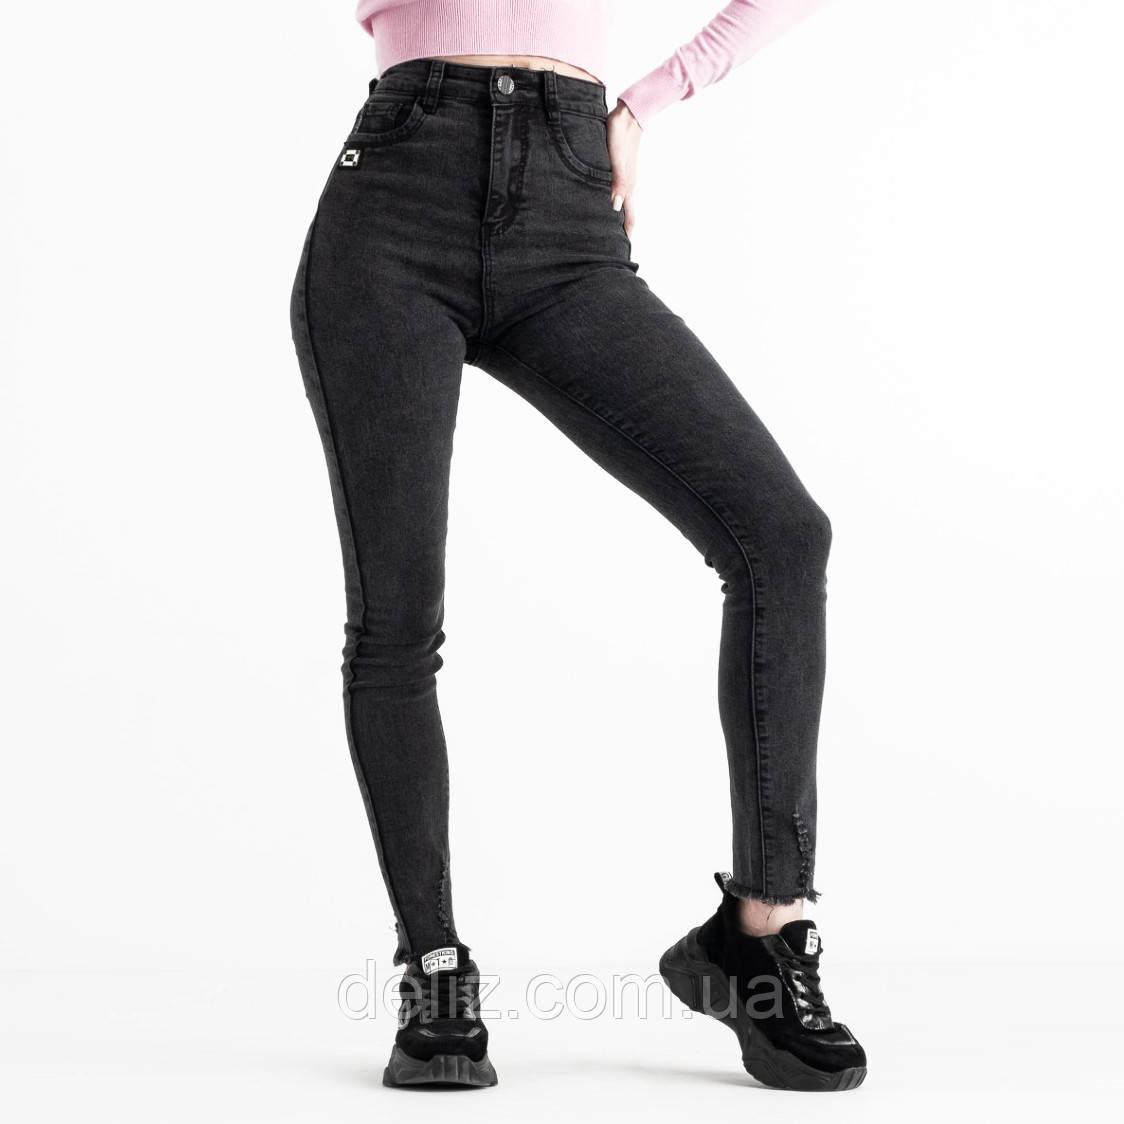 Сірі завужені стрейчеві джинси з високою талією LADY N 7042. Розмір 27